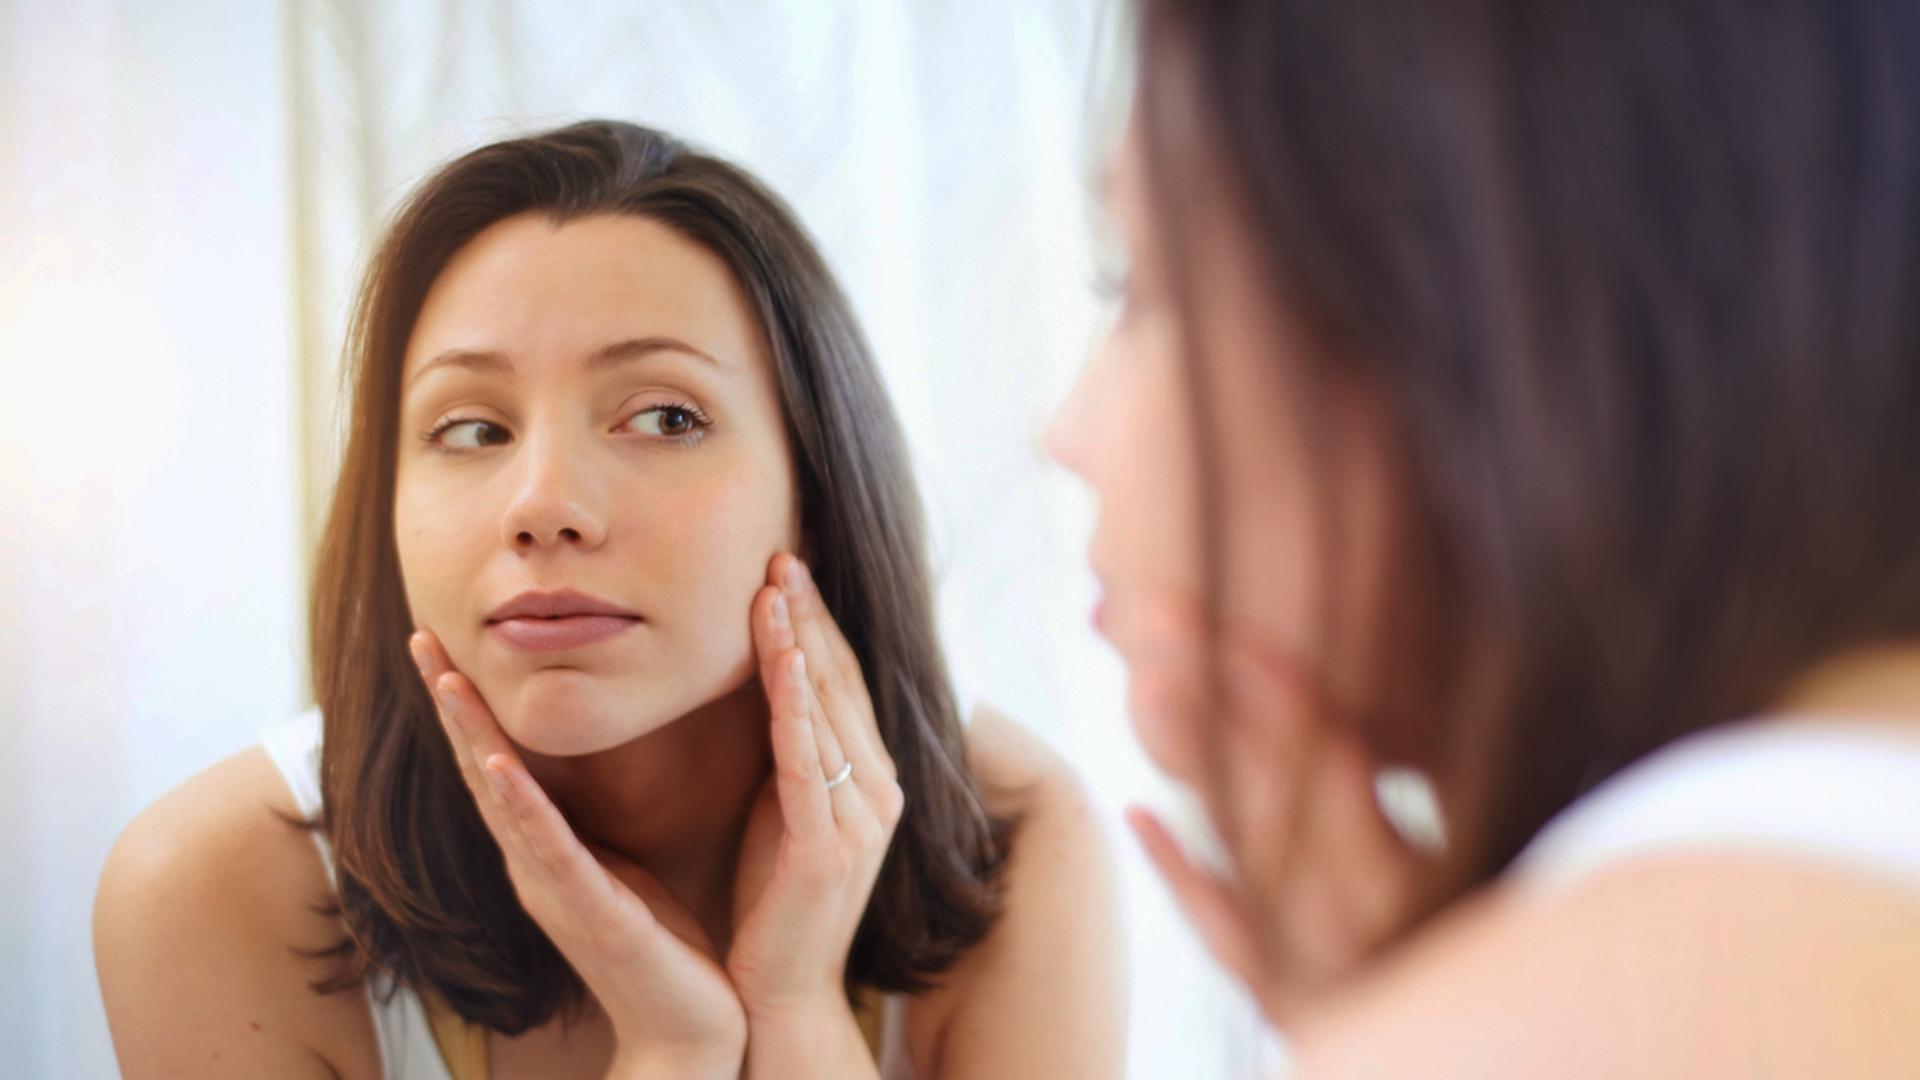 Beauty Tips: शादी में बचे हैं कुछ वक्त, तो भूलकर भी न करें ये 5 काम, खूबसूरती को पहुंच सकता है नुकसान